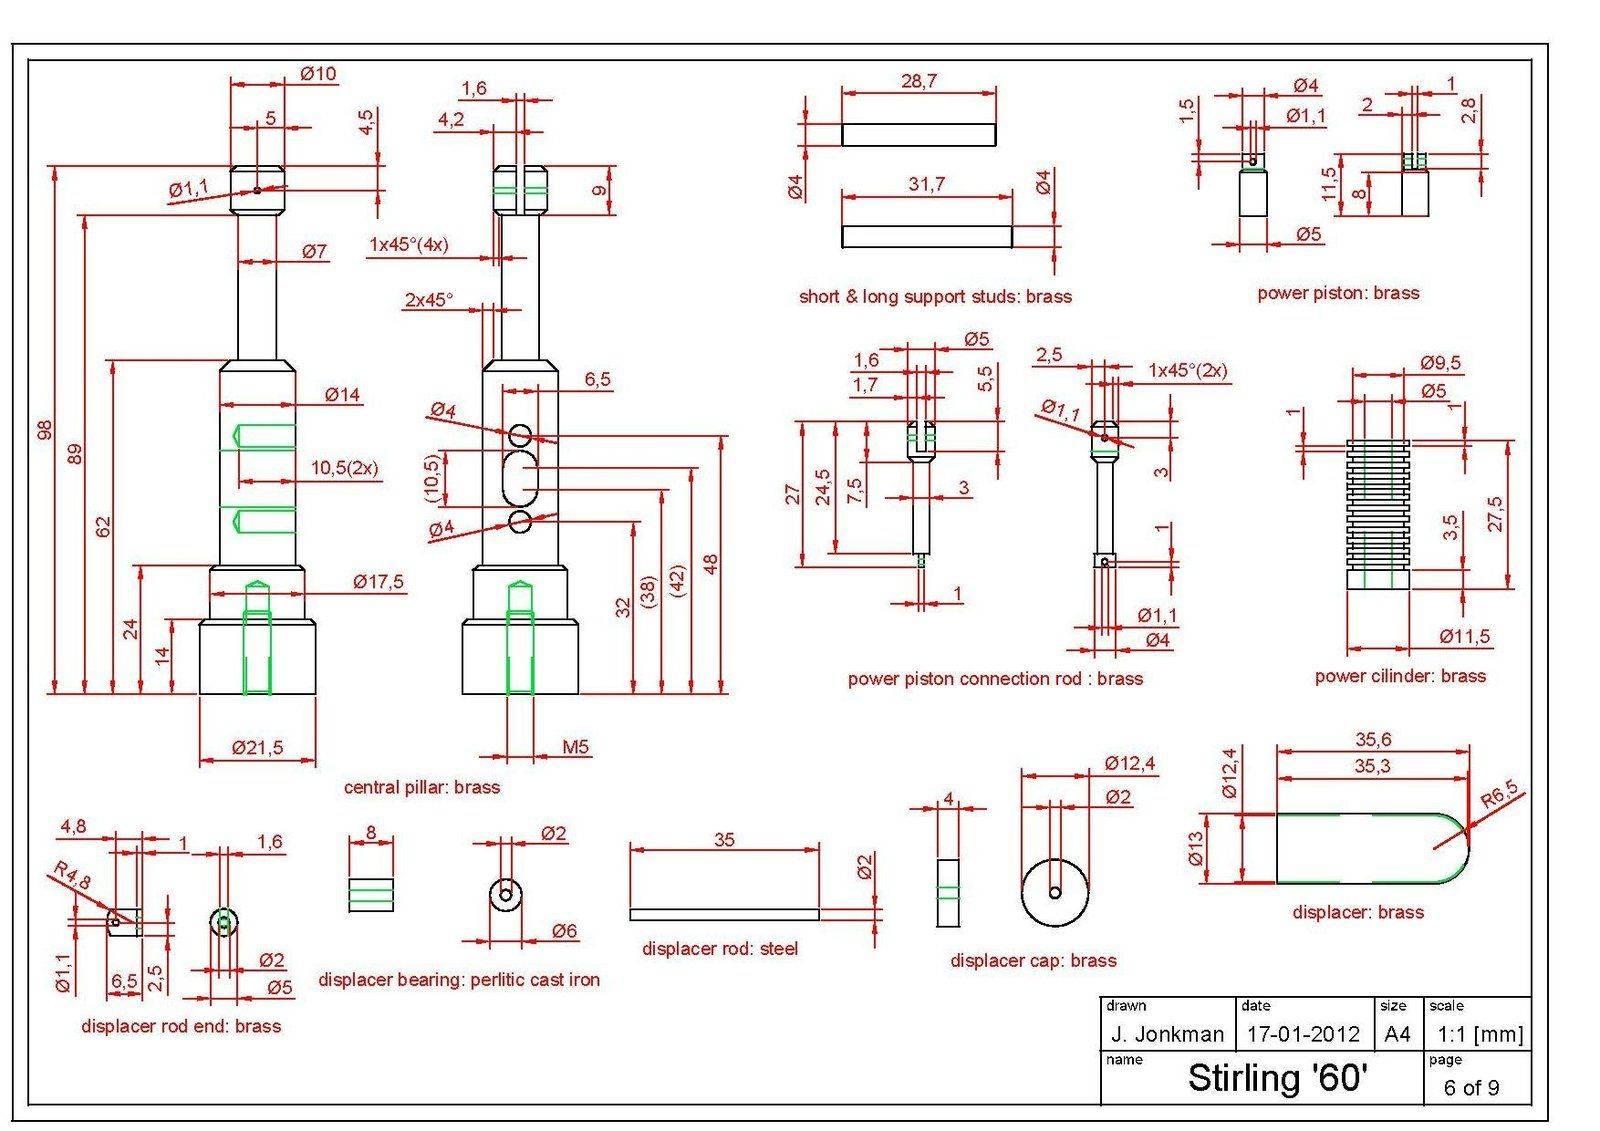 Stirling_3.jpg